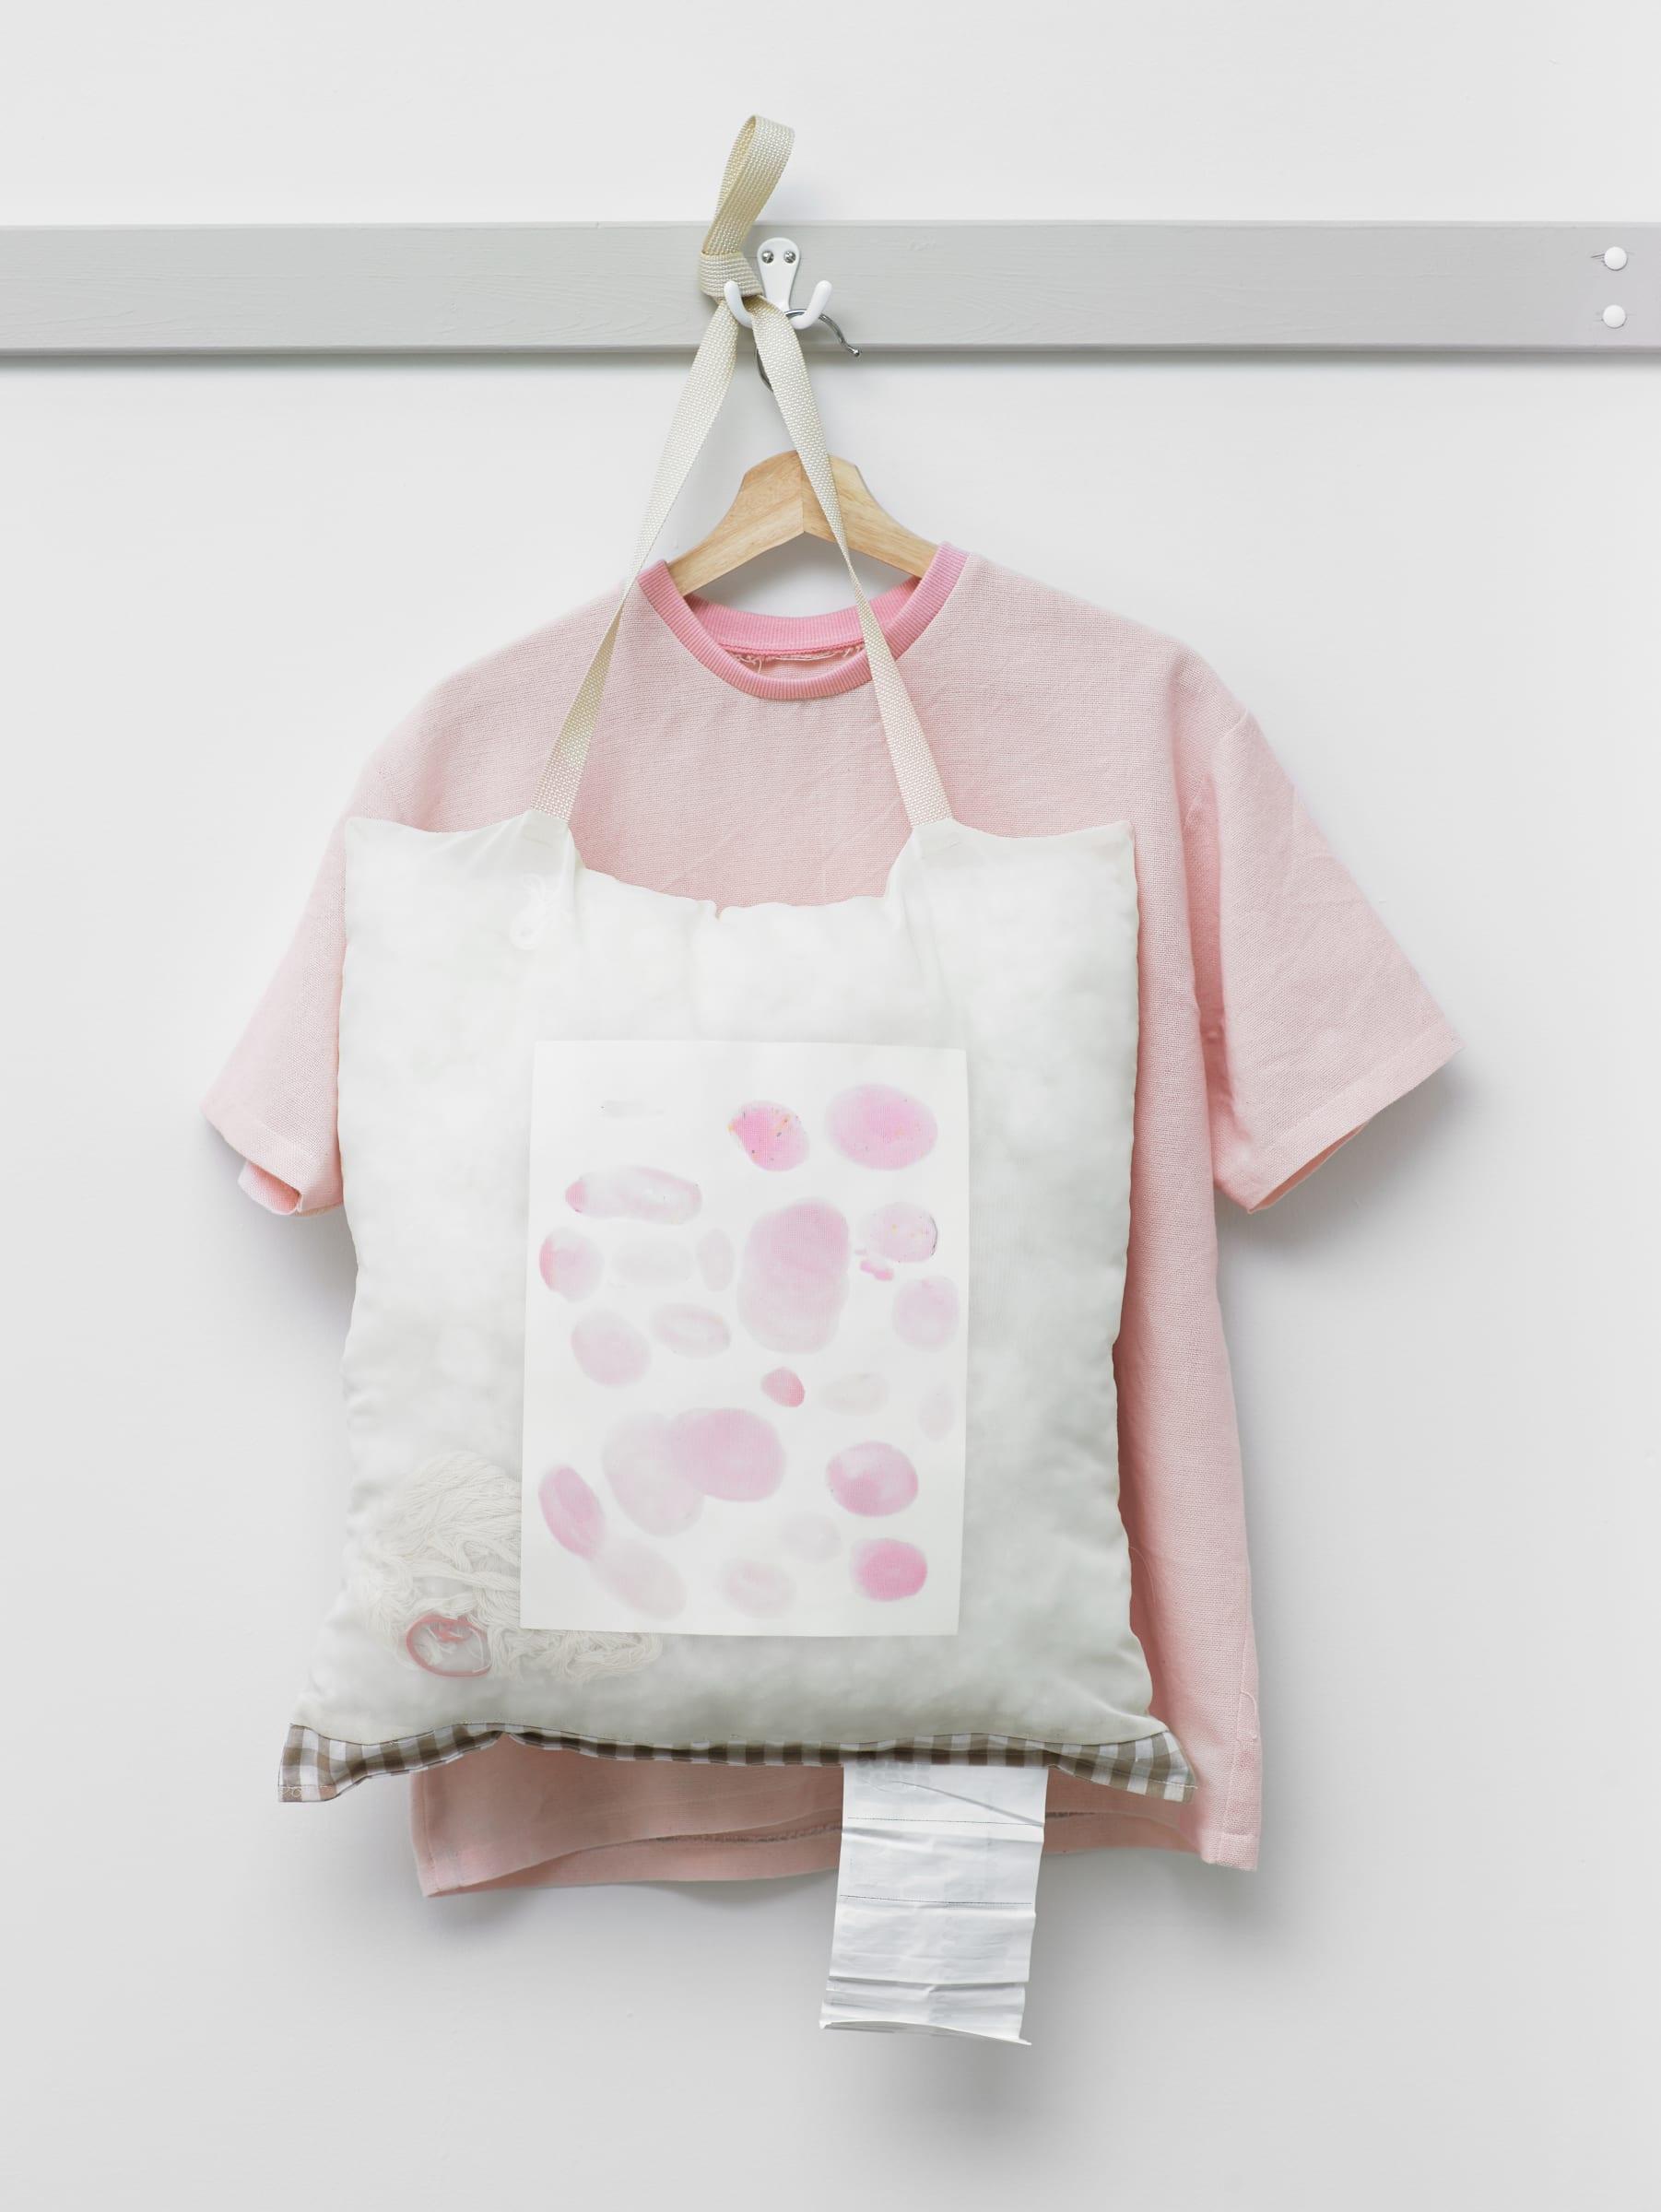 """<span class=""""link fancybox-details-link""""><a href=""""/artists/137-arna-ottarsdottir/works/16043/"""">View Detail Page</a></span><div class=""""artist""""><strong>ARNA ÓTTARSDÓTTIR</strong></div> <div class=""""title""""><em>Pink T-shirt</em>, 2019</div> <div class=""""medium"""">cotton, polyester</div> <div class=""""dimensions"""">medium</div><div class=""""copyright_line"""">Copyright The Artist</div>"""